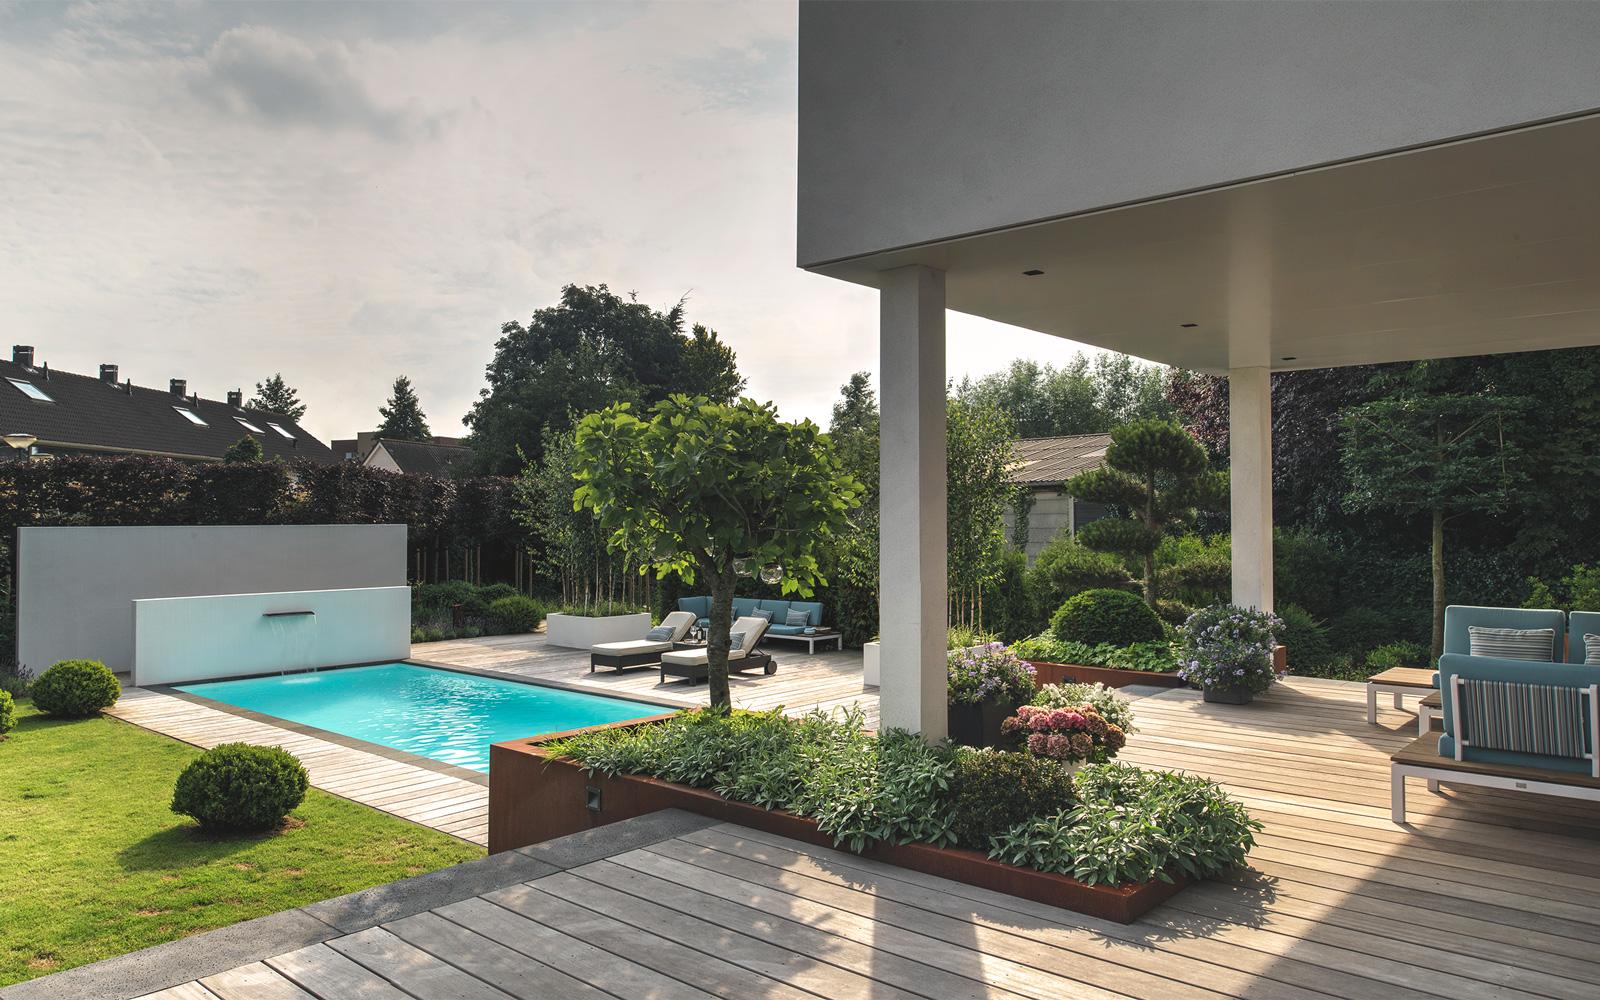 Simons Hoveniersbedrijf is verantwoordelijk voor de tuin en het luxe zwembad.